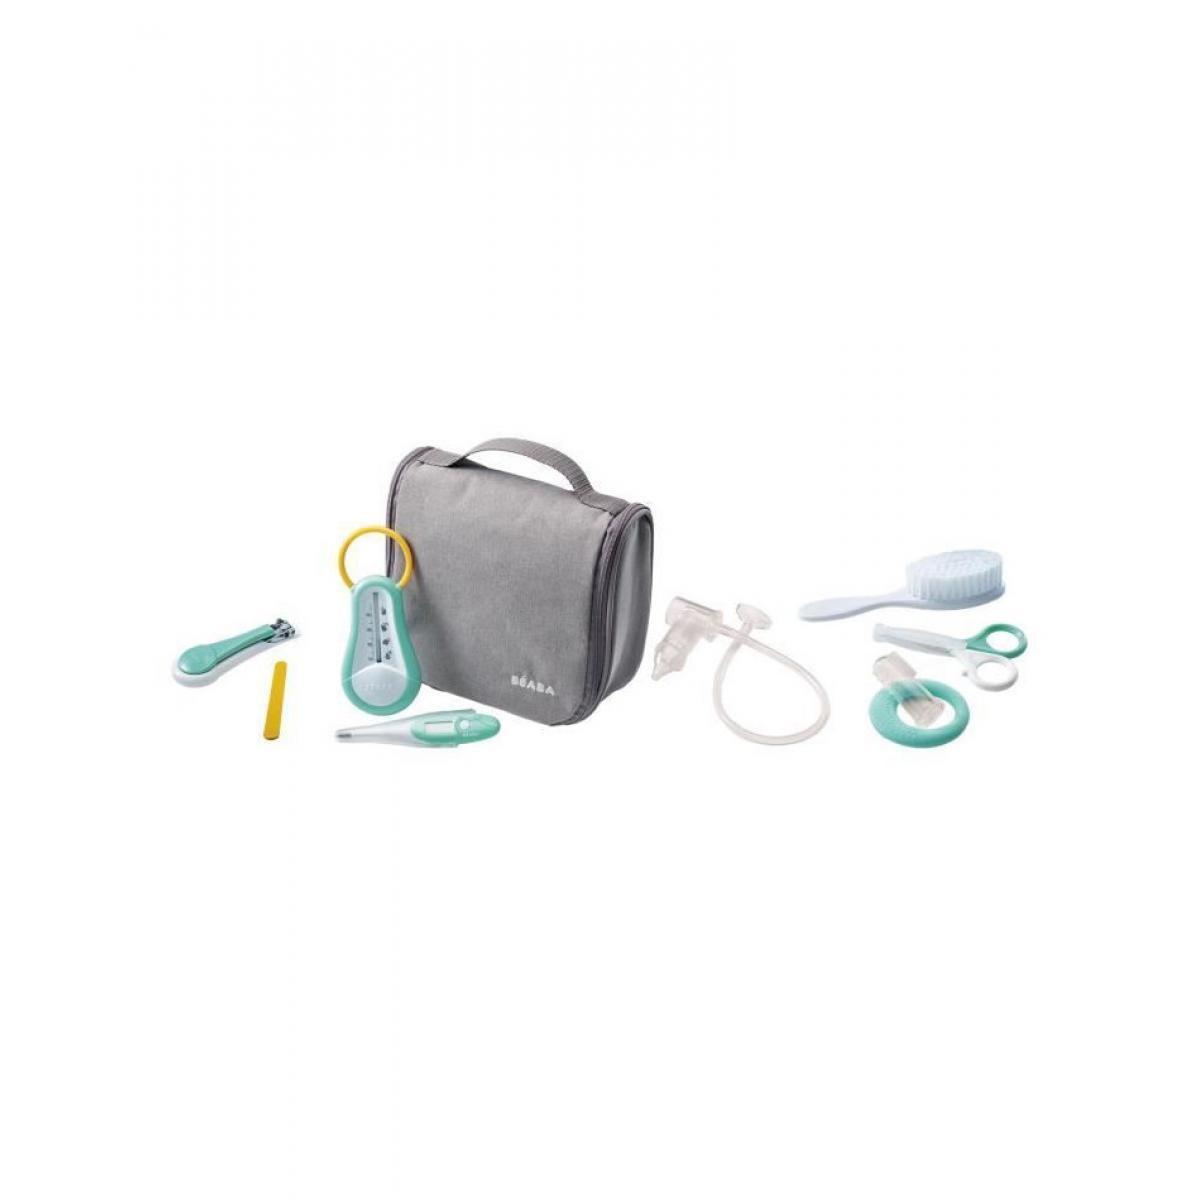 Beaba BEABA Trousse de toilette nomade 9 accessoires - gris